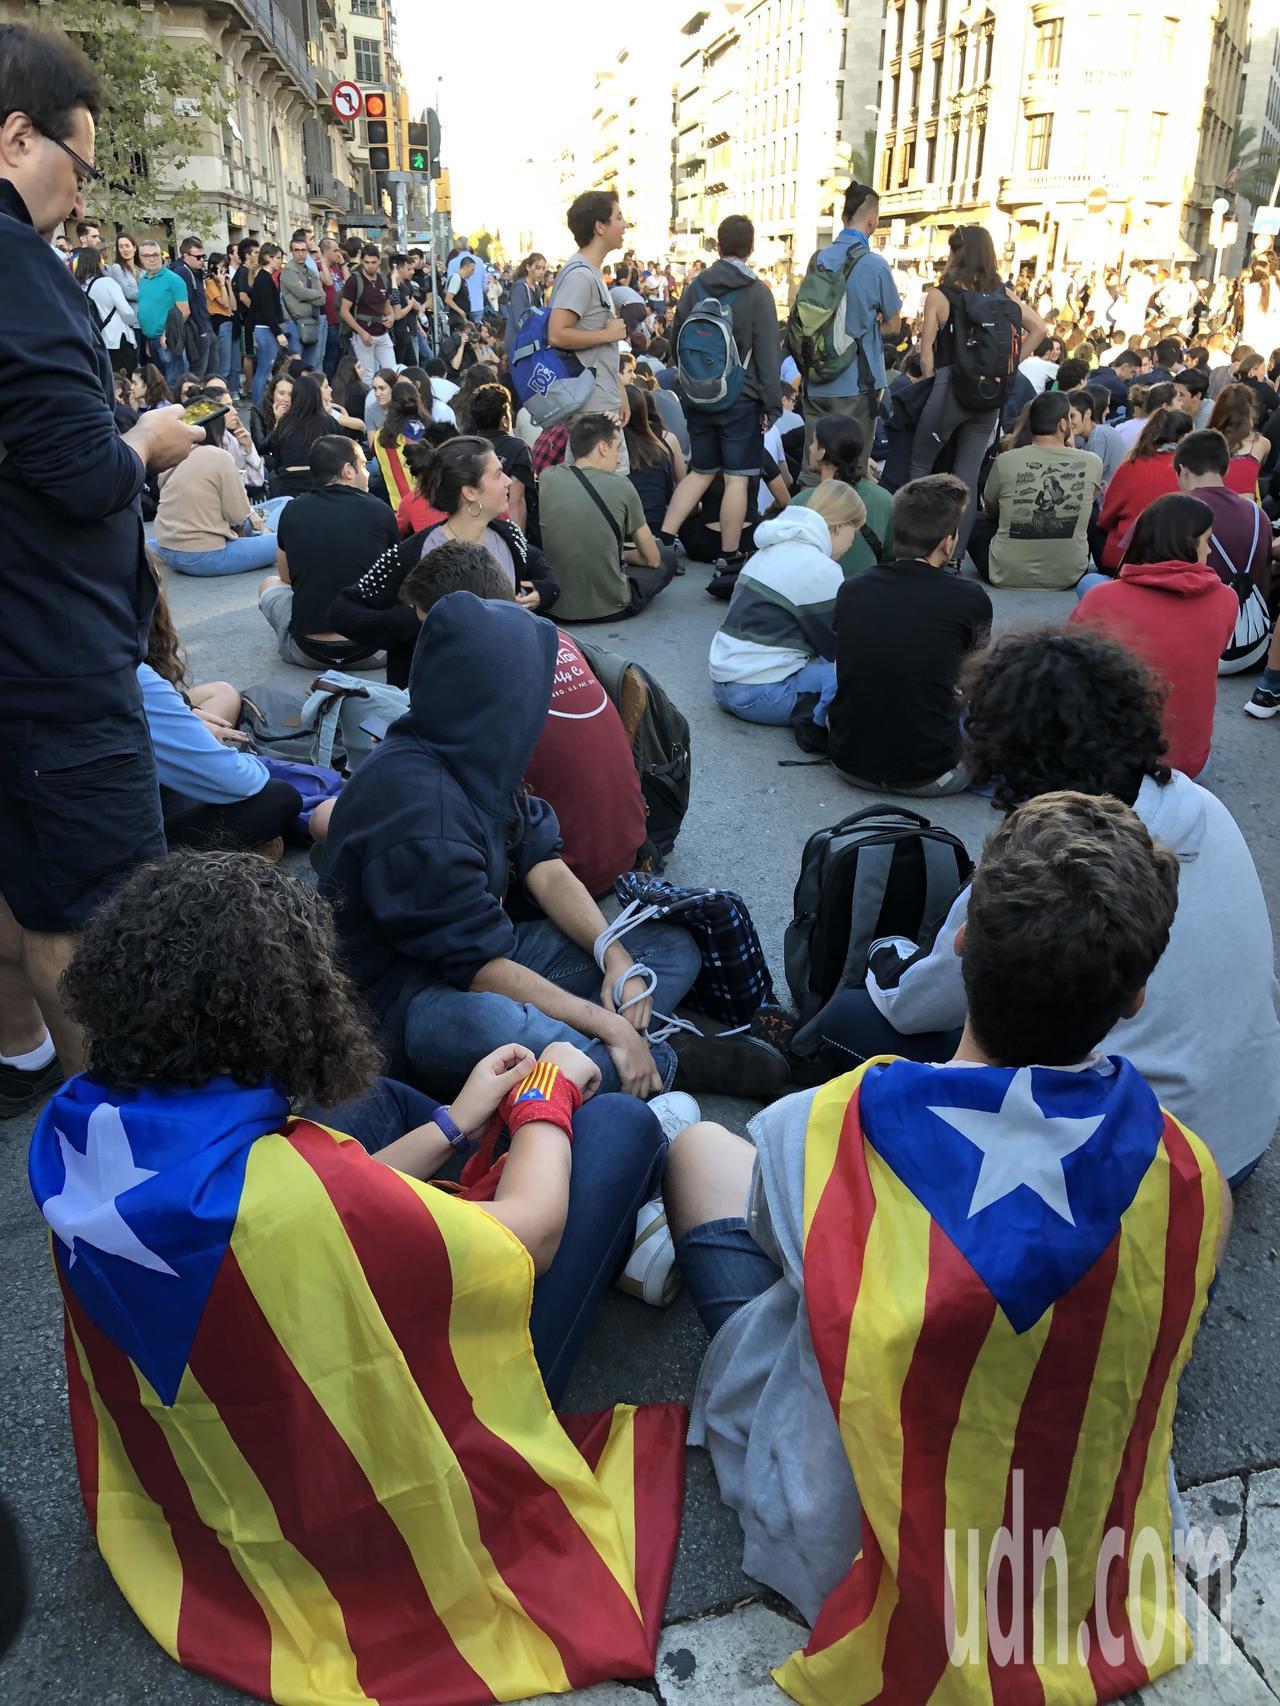 巴塞隆納民眾近日下午5時都到加泰隆尼亞廣場等地靜坐示威,不少人身披加泰隆尼亞旗。...